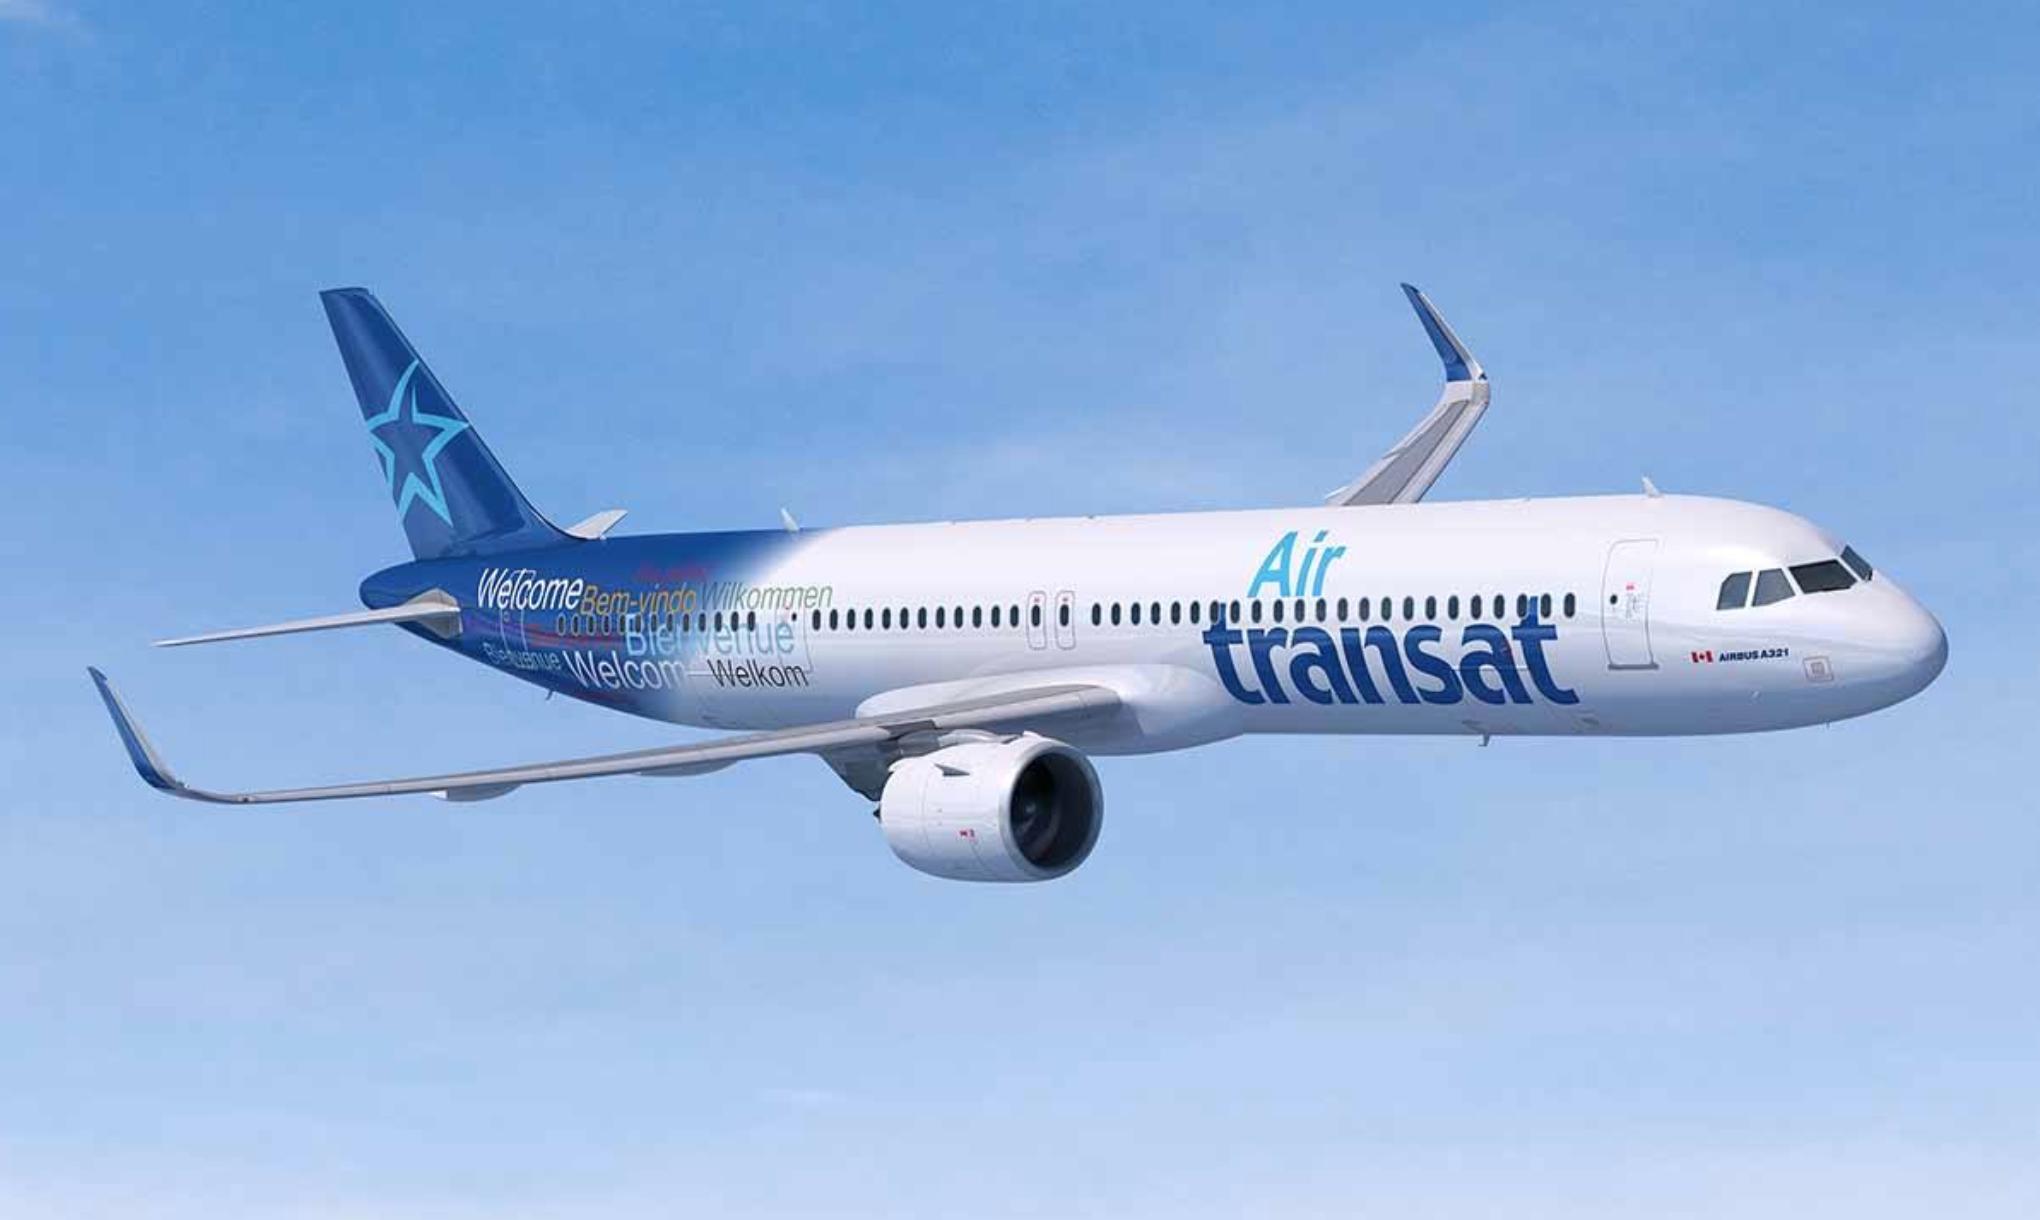 Avion d'Air Transat, compagnie canadienne économique.